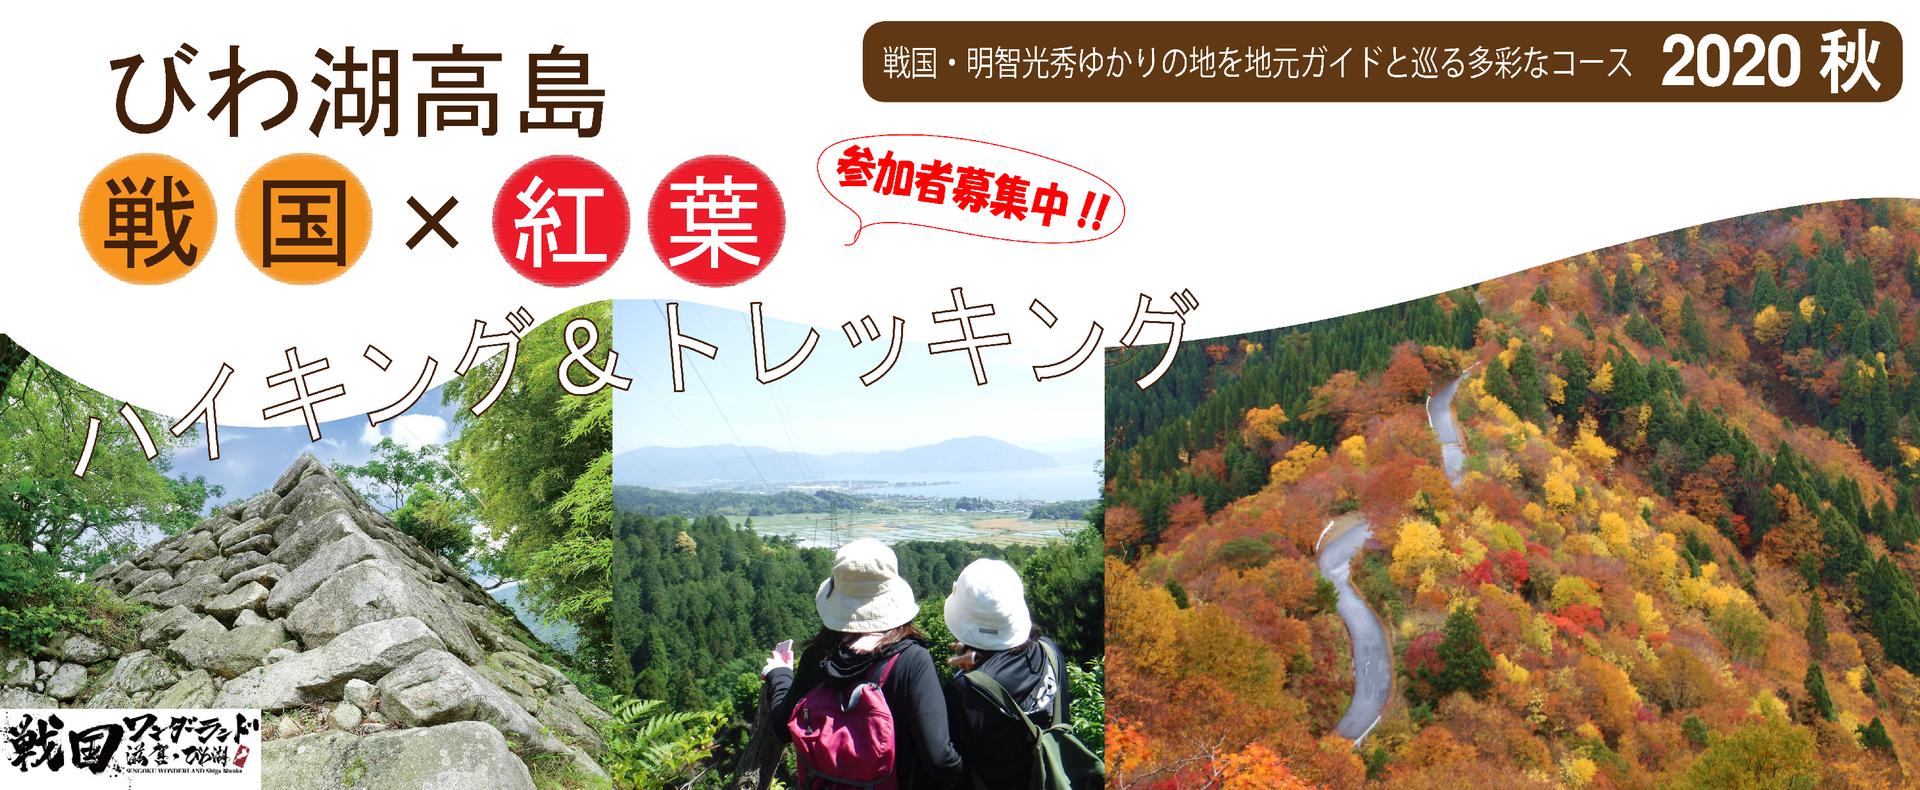 キービジュアル びわ湖高島 戦国×紅葉ハイキング&トレッキング 参加者募集のお知らせ